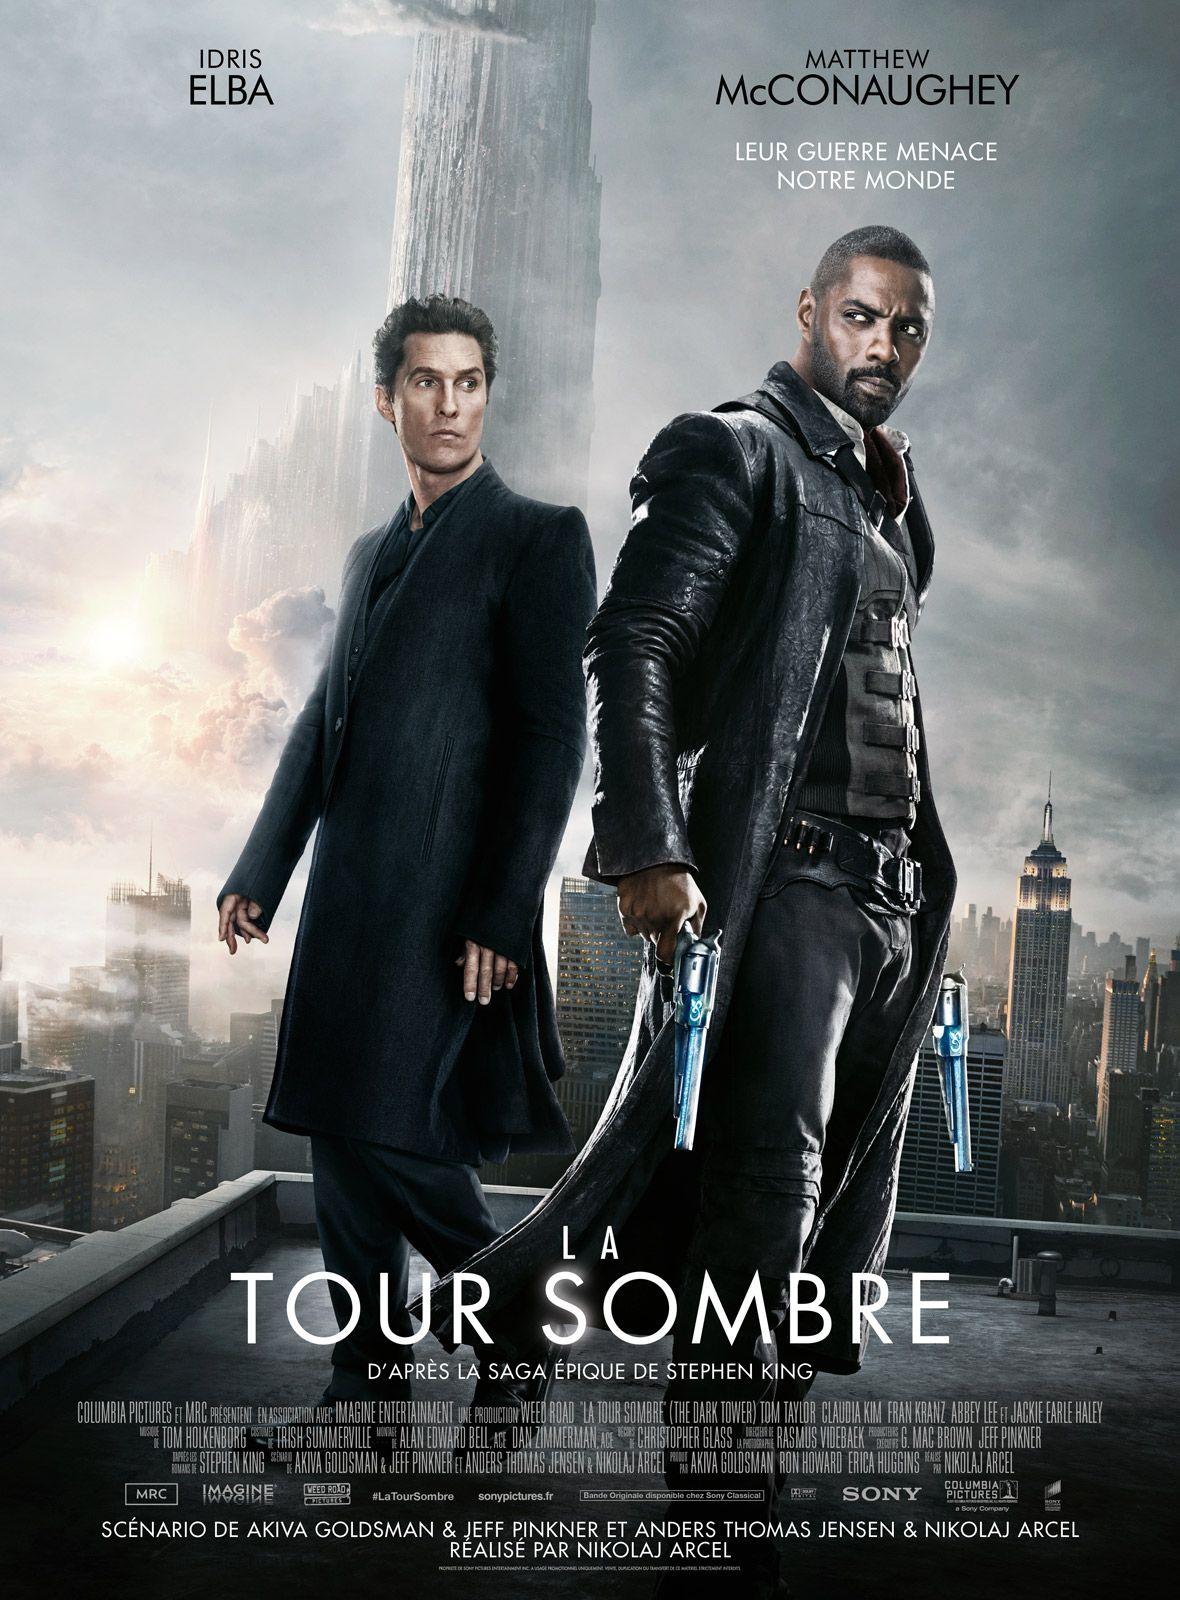 La Tour sombre - Film (2017)